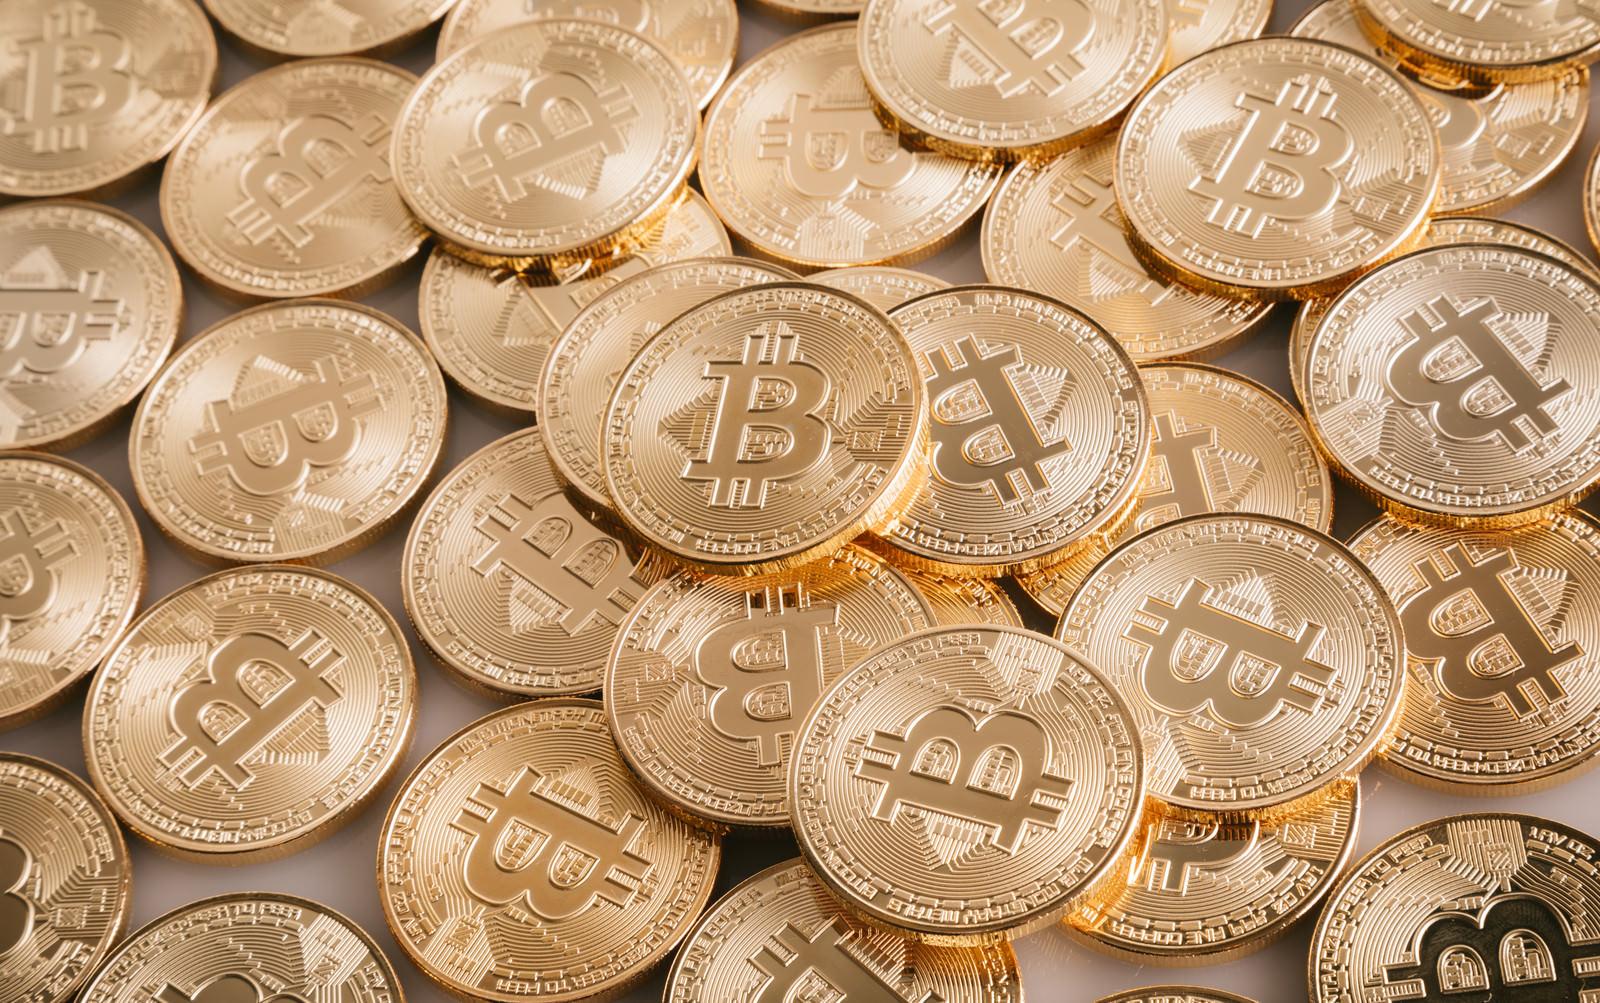 「暗号通貨(暗号資産)ビットコイン」の写真